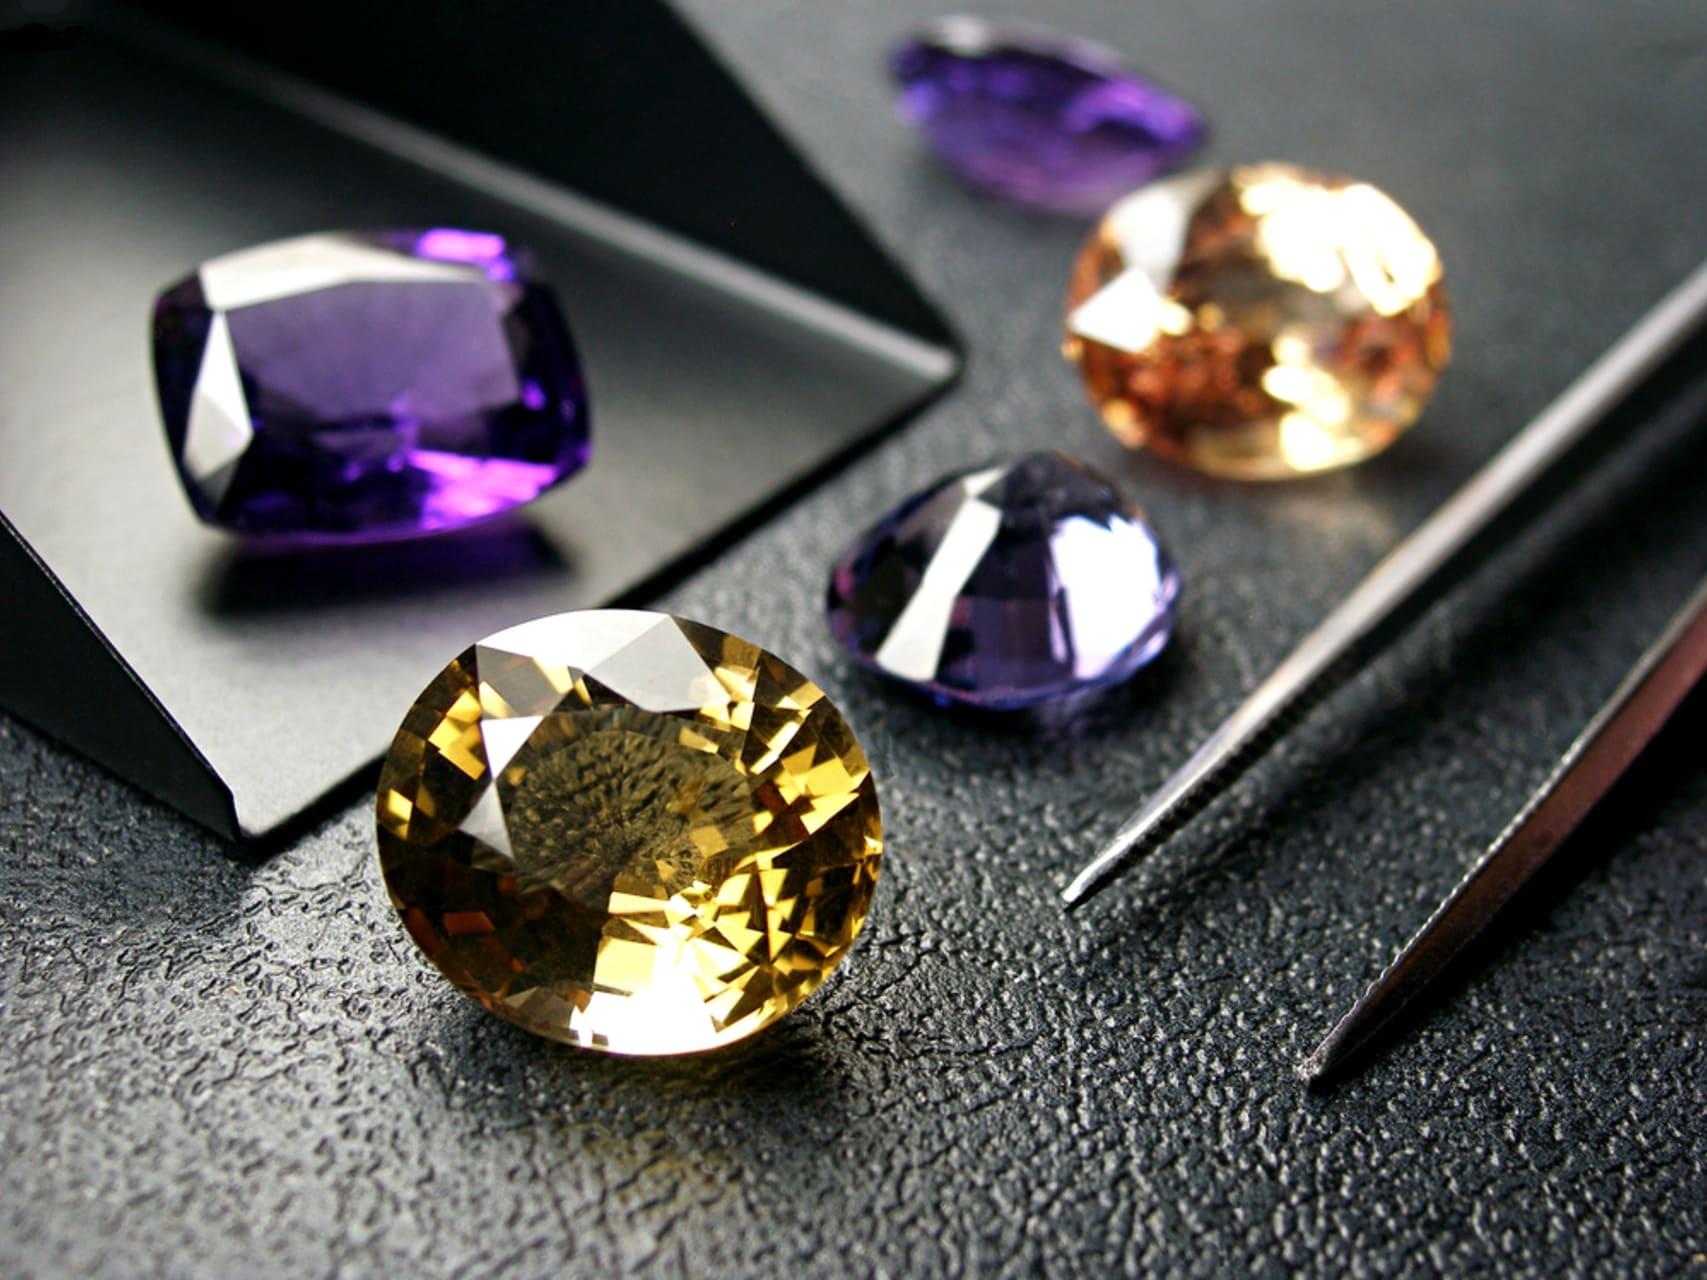 Cape Town - Jewellery, Precious & Semi Precious Stones